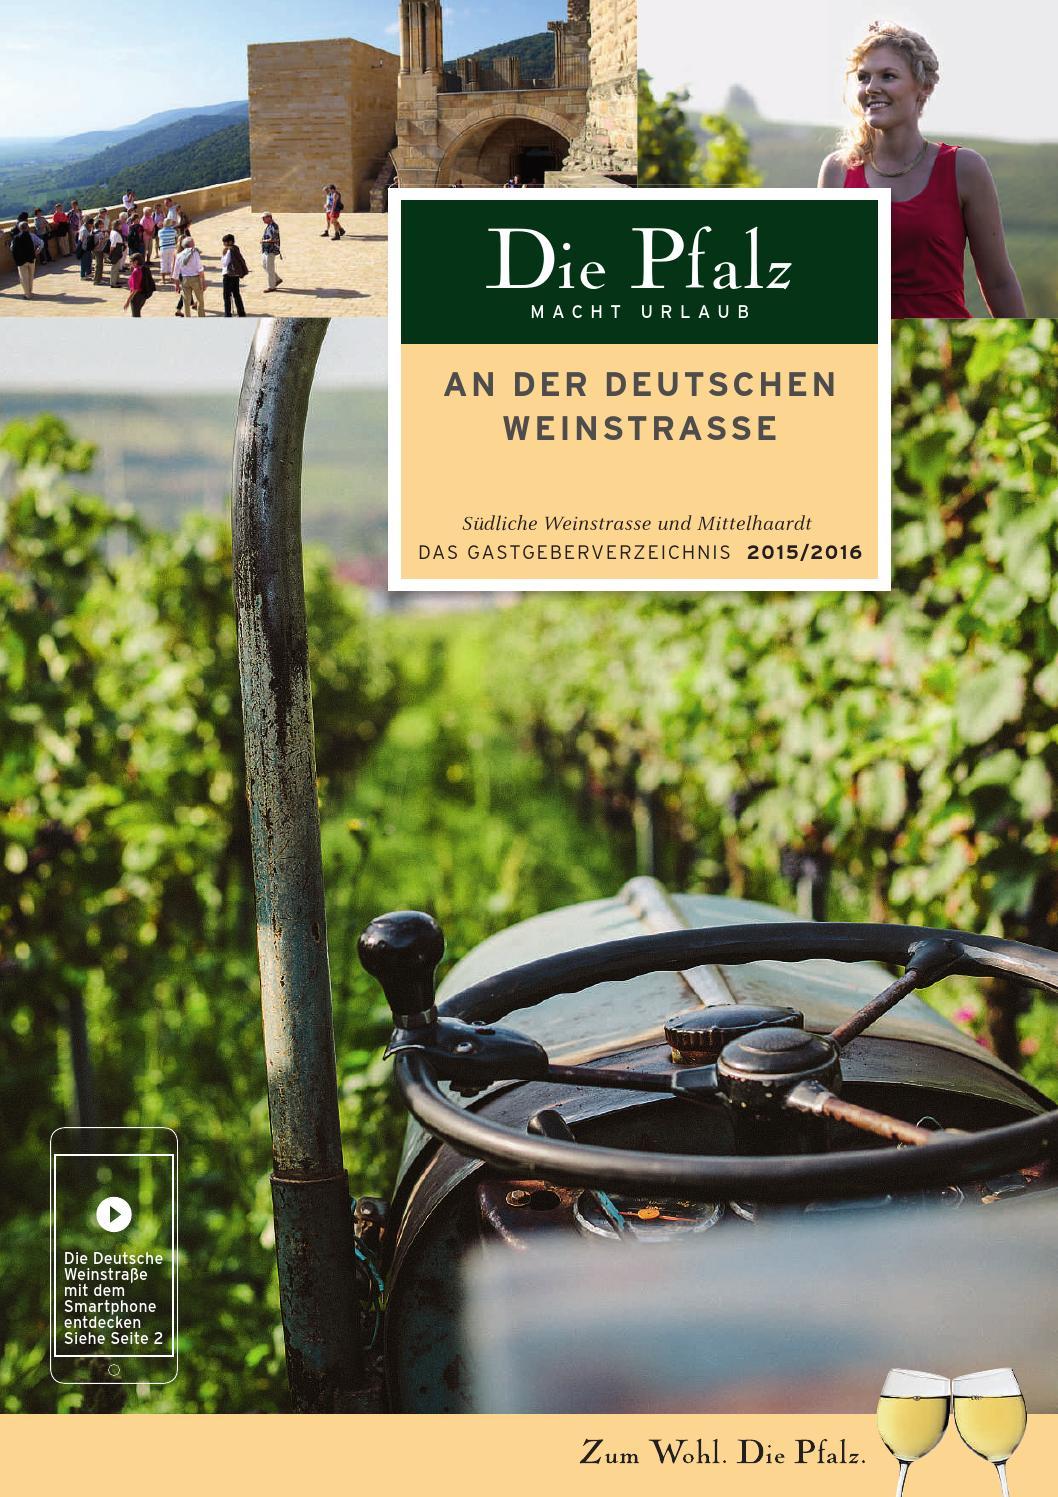 Die Pfalz macht Urlaub 2015/16 by Südliche Weinstrasse e.V. - issuu